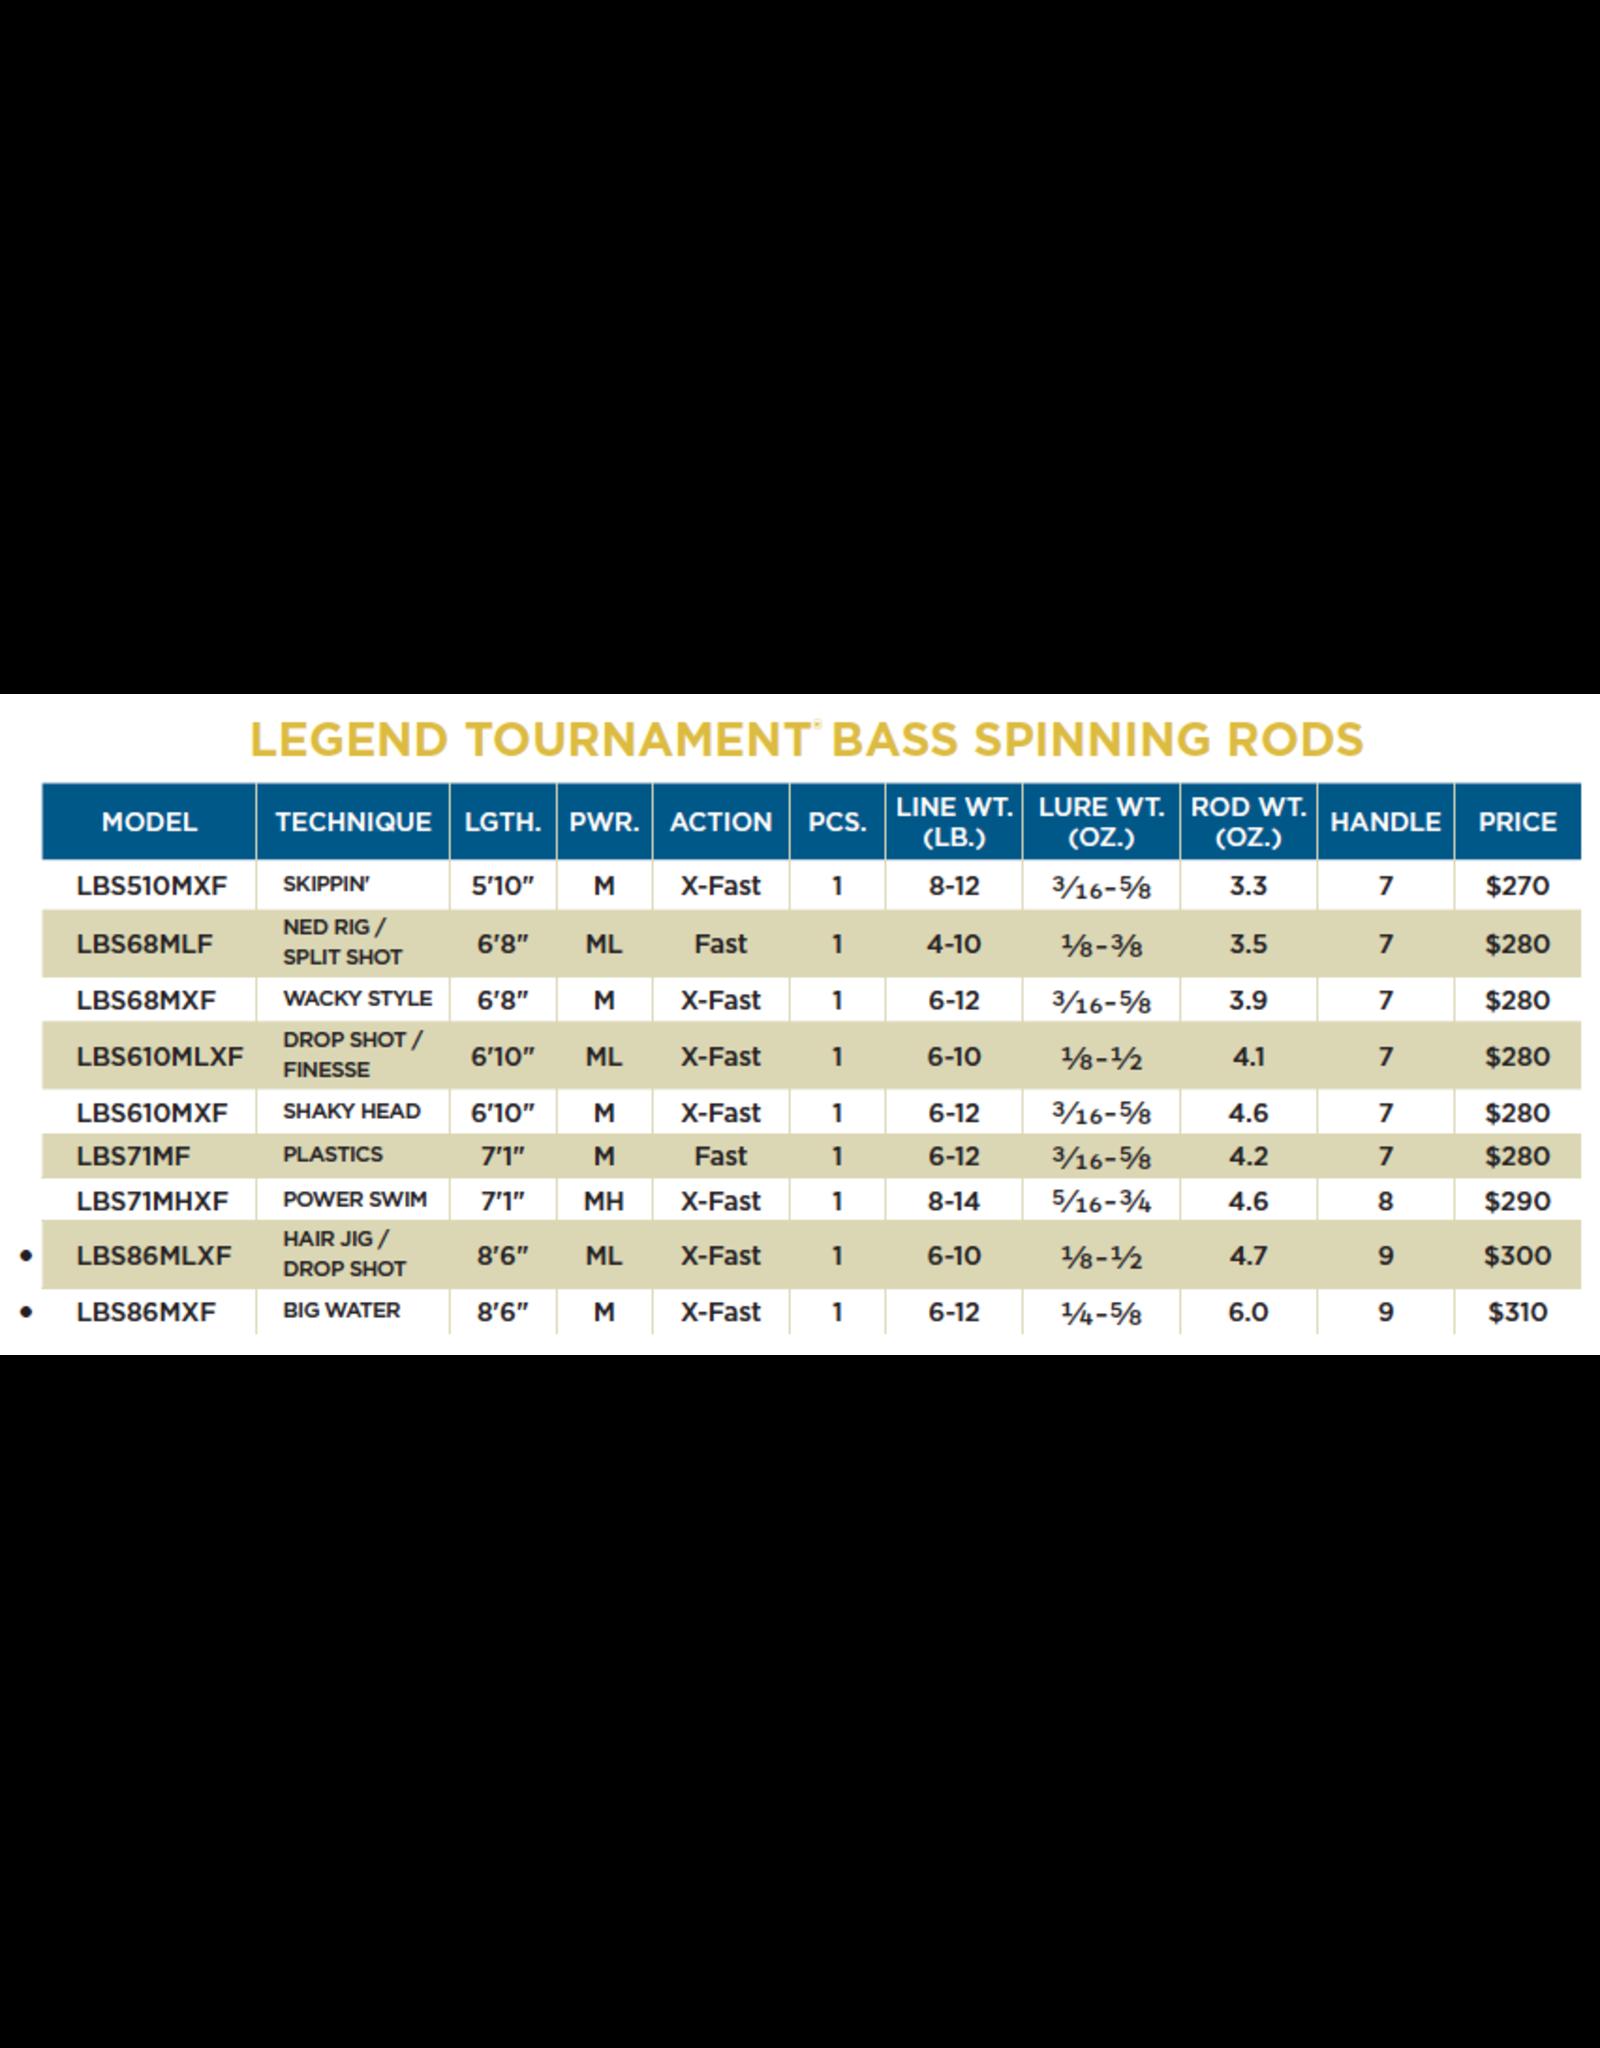 St. Croix St. Croix Legend Tournament Bass Spinning